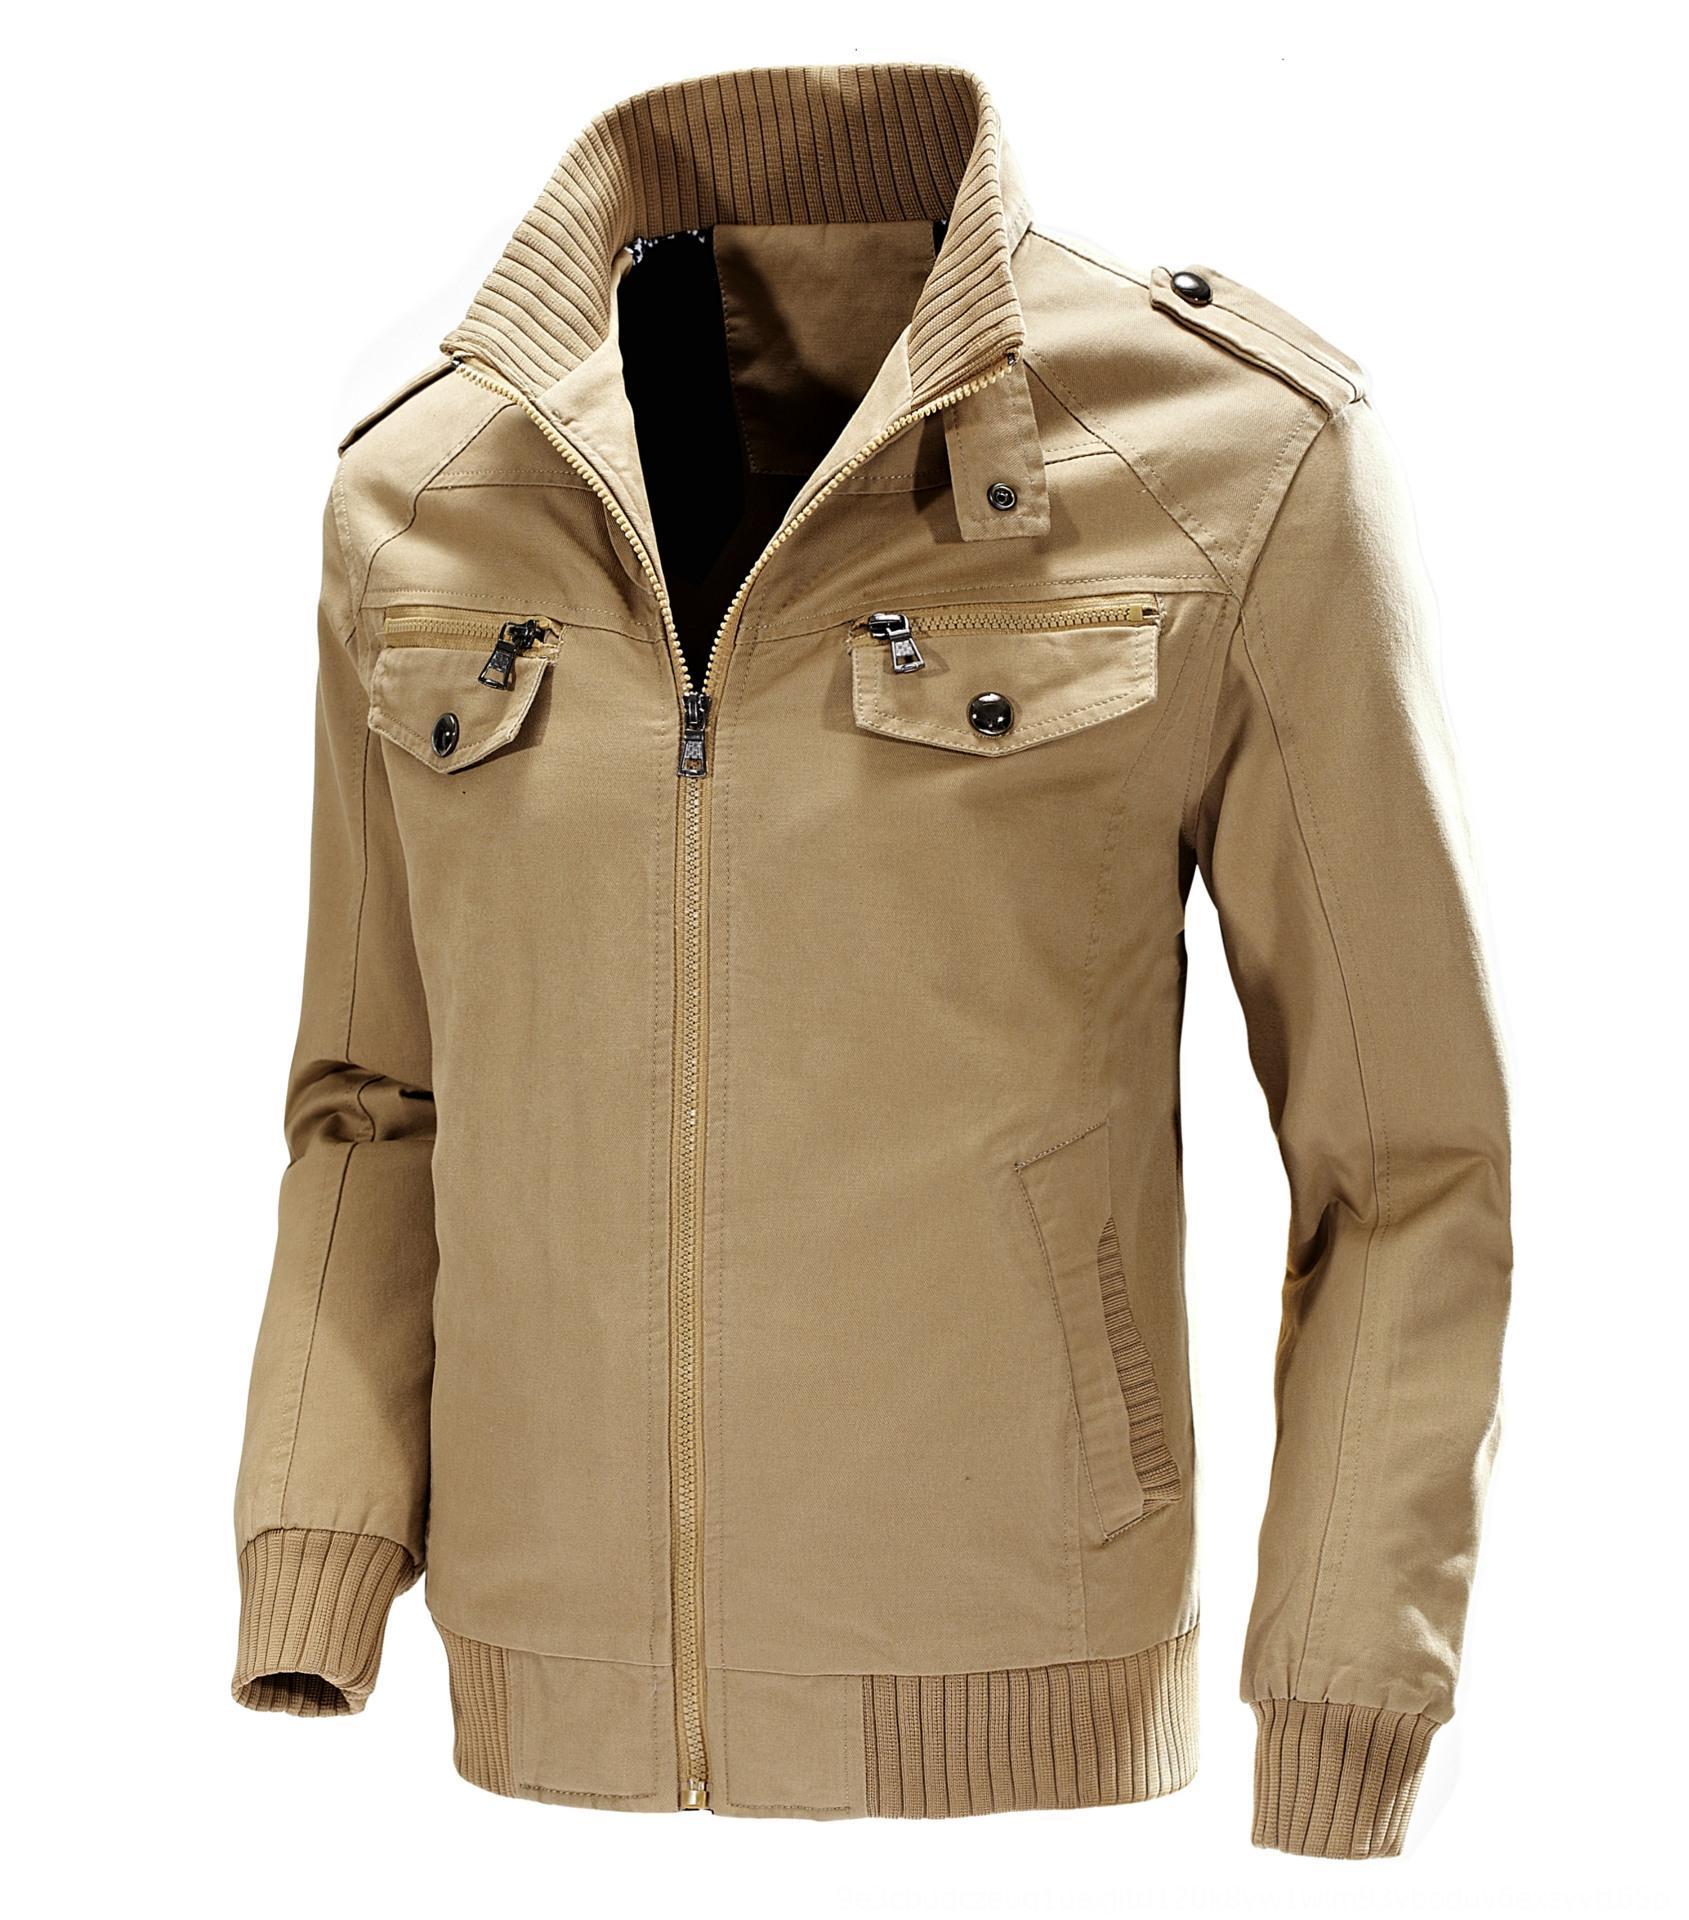 KOFPZ w2xUt осени и зима нового инструмент осень размера пальто хлопок размера вскользь и зимняя куртка нового мужского jackettooling случайных пальто большого лар